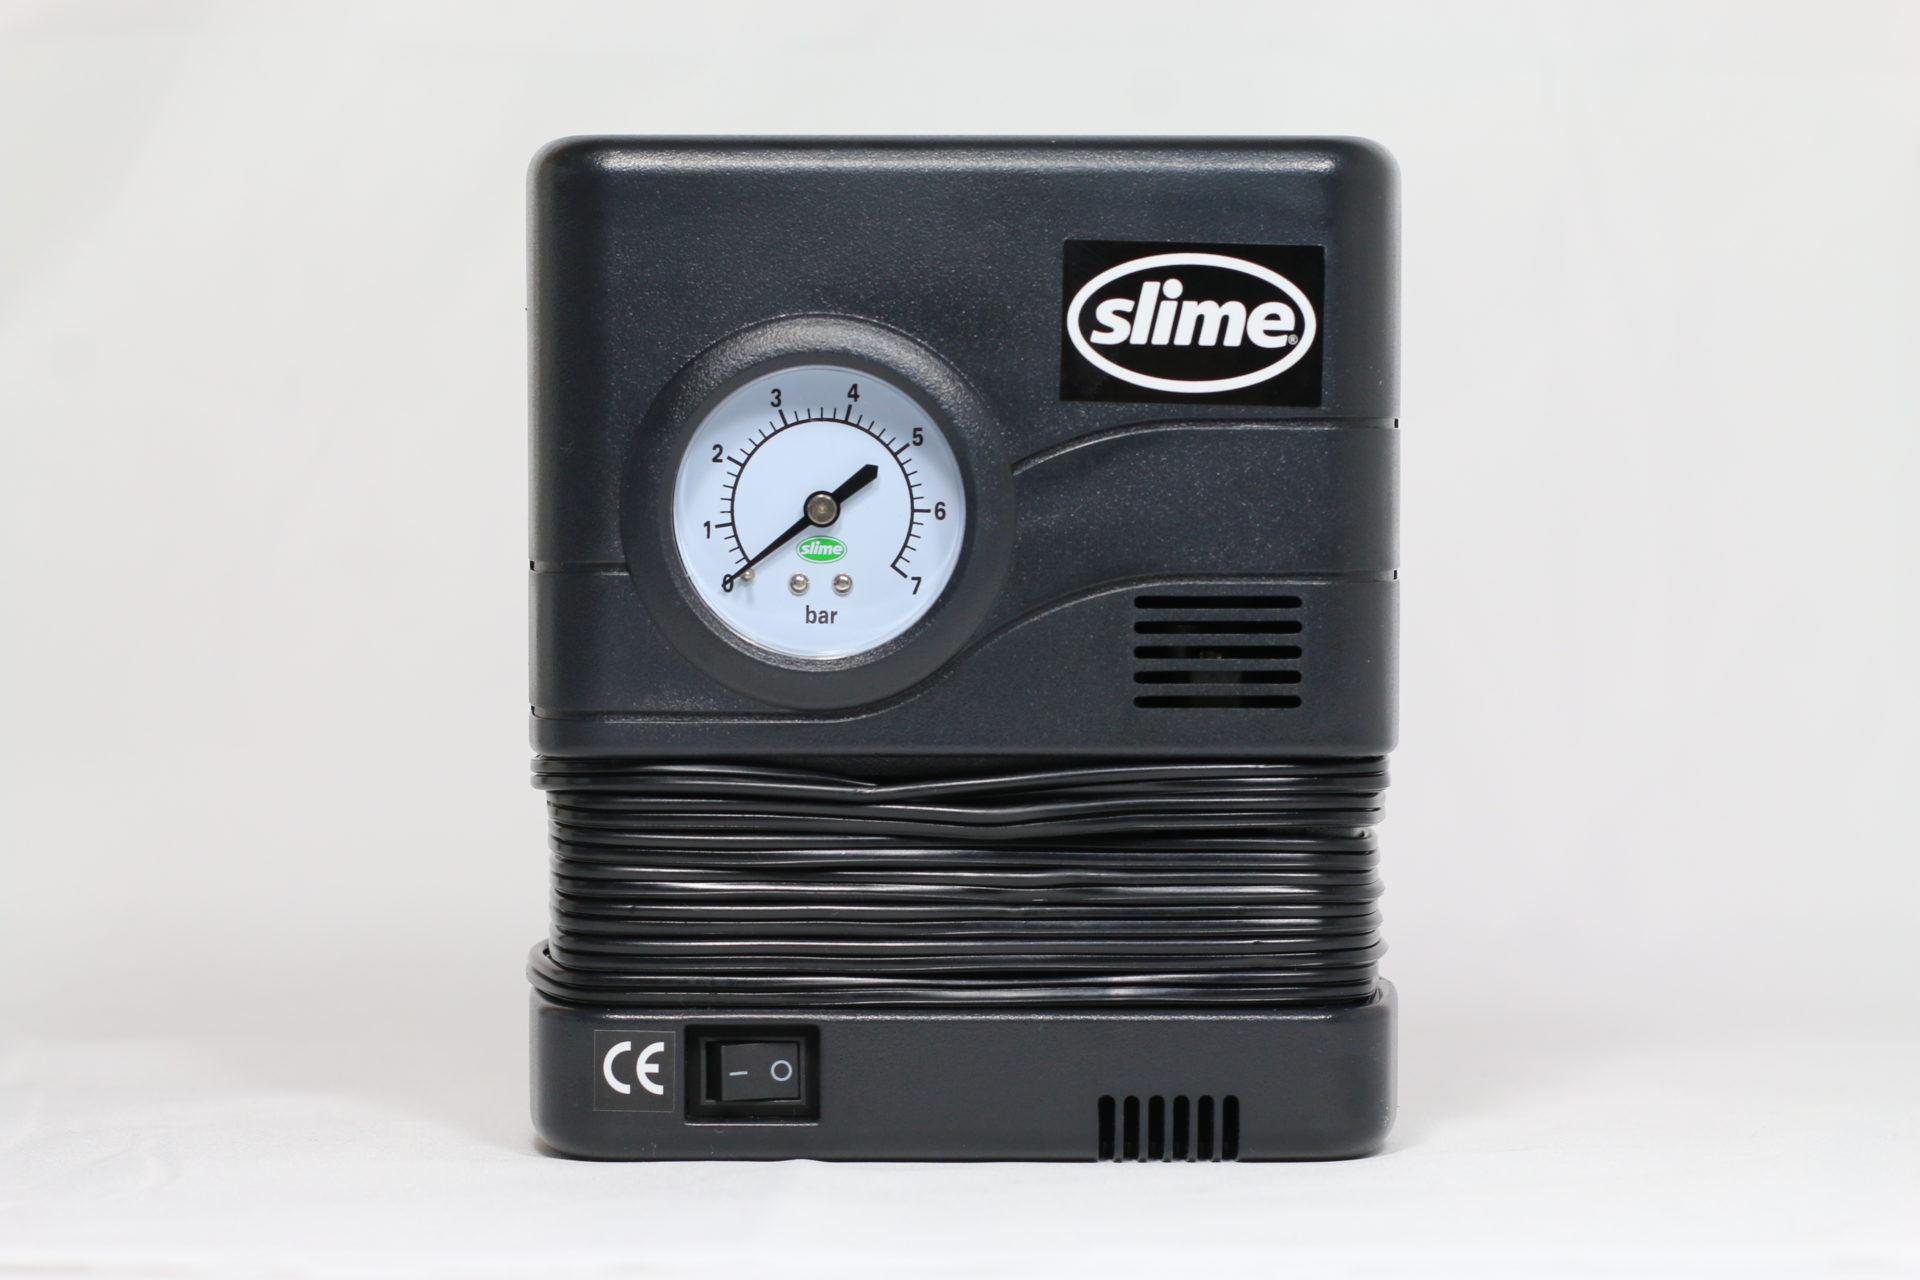 Slime Emergency Flat Tyre Repair Kit Dichtungsmittel Reifenpanne Reifen Reparatur Kompressor Ventiladapter Werkzeug Reifendichtmittel Einfüllschlauch